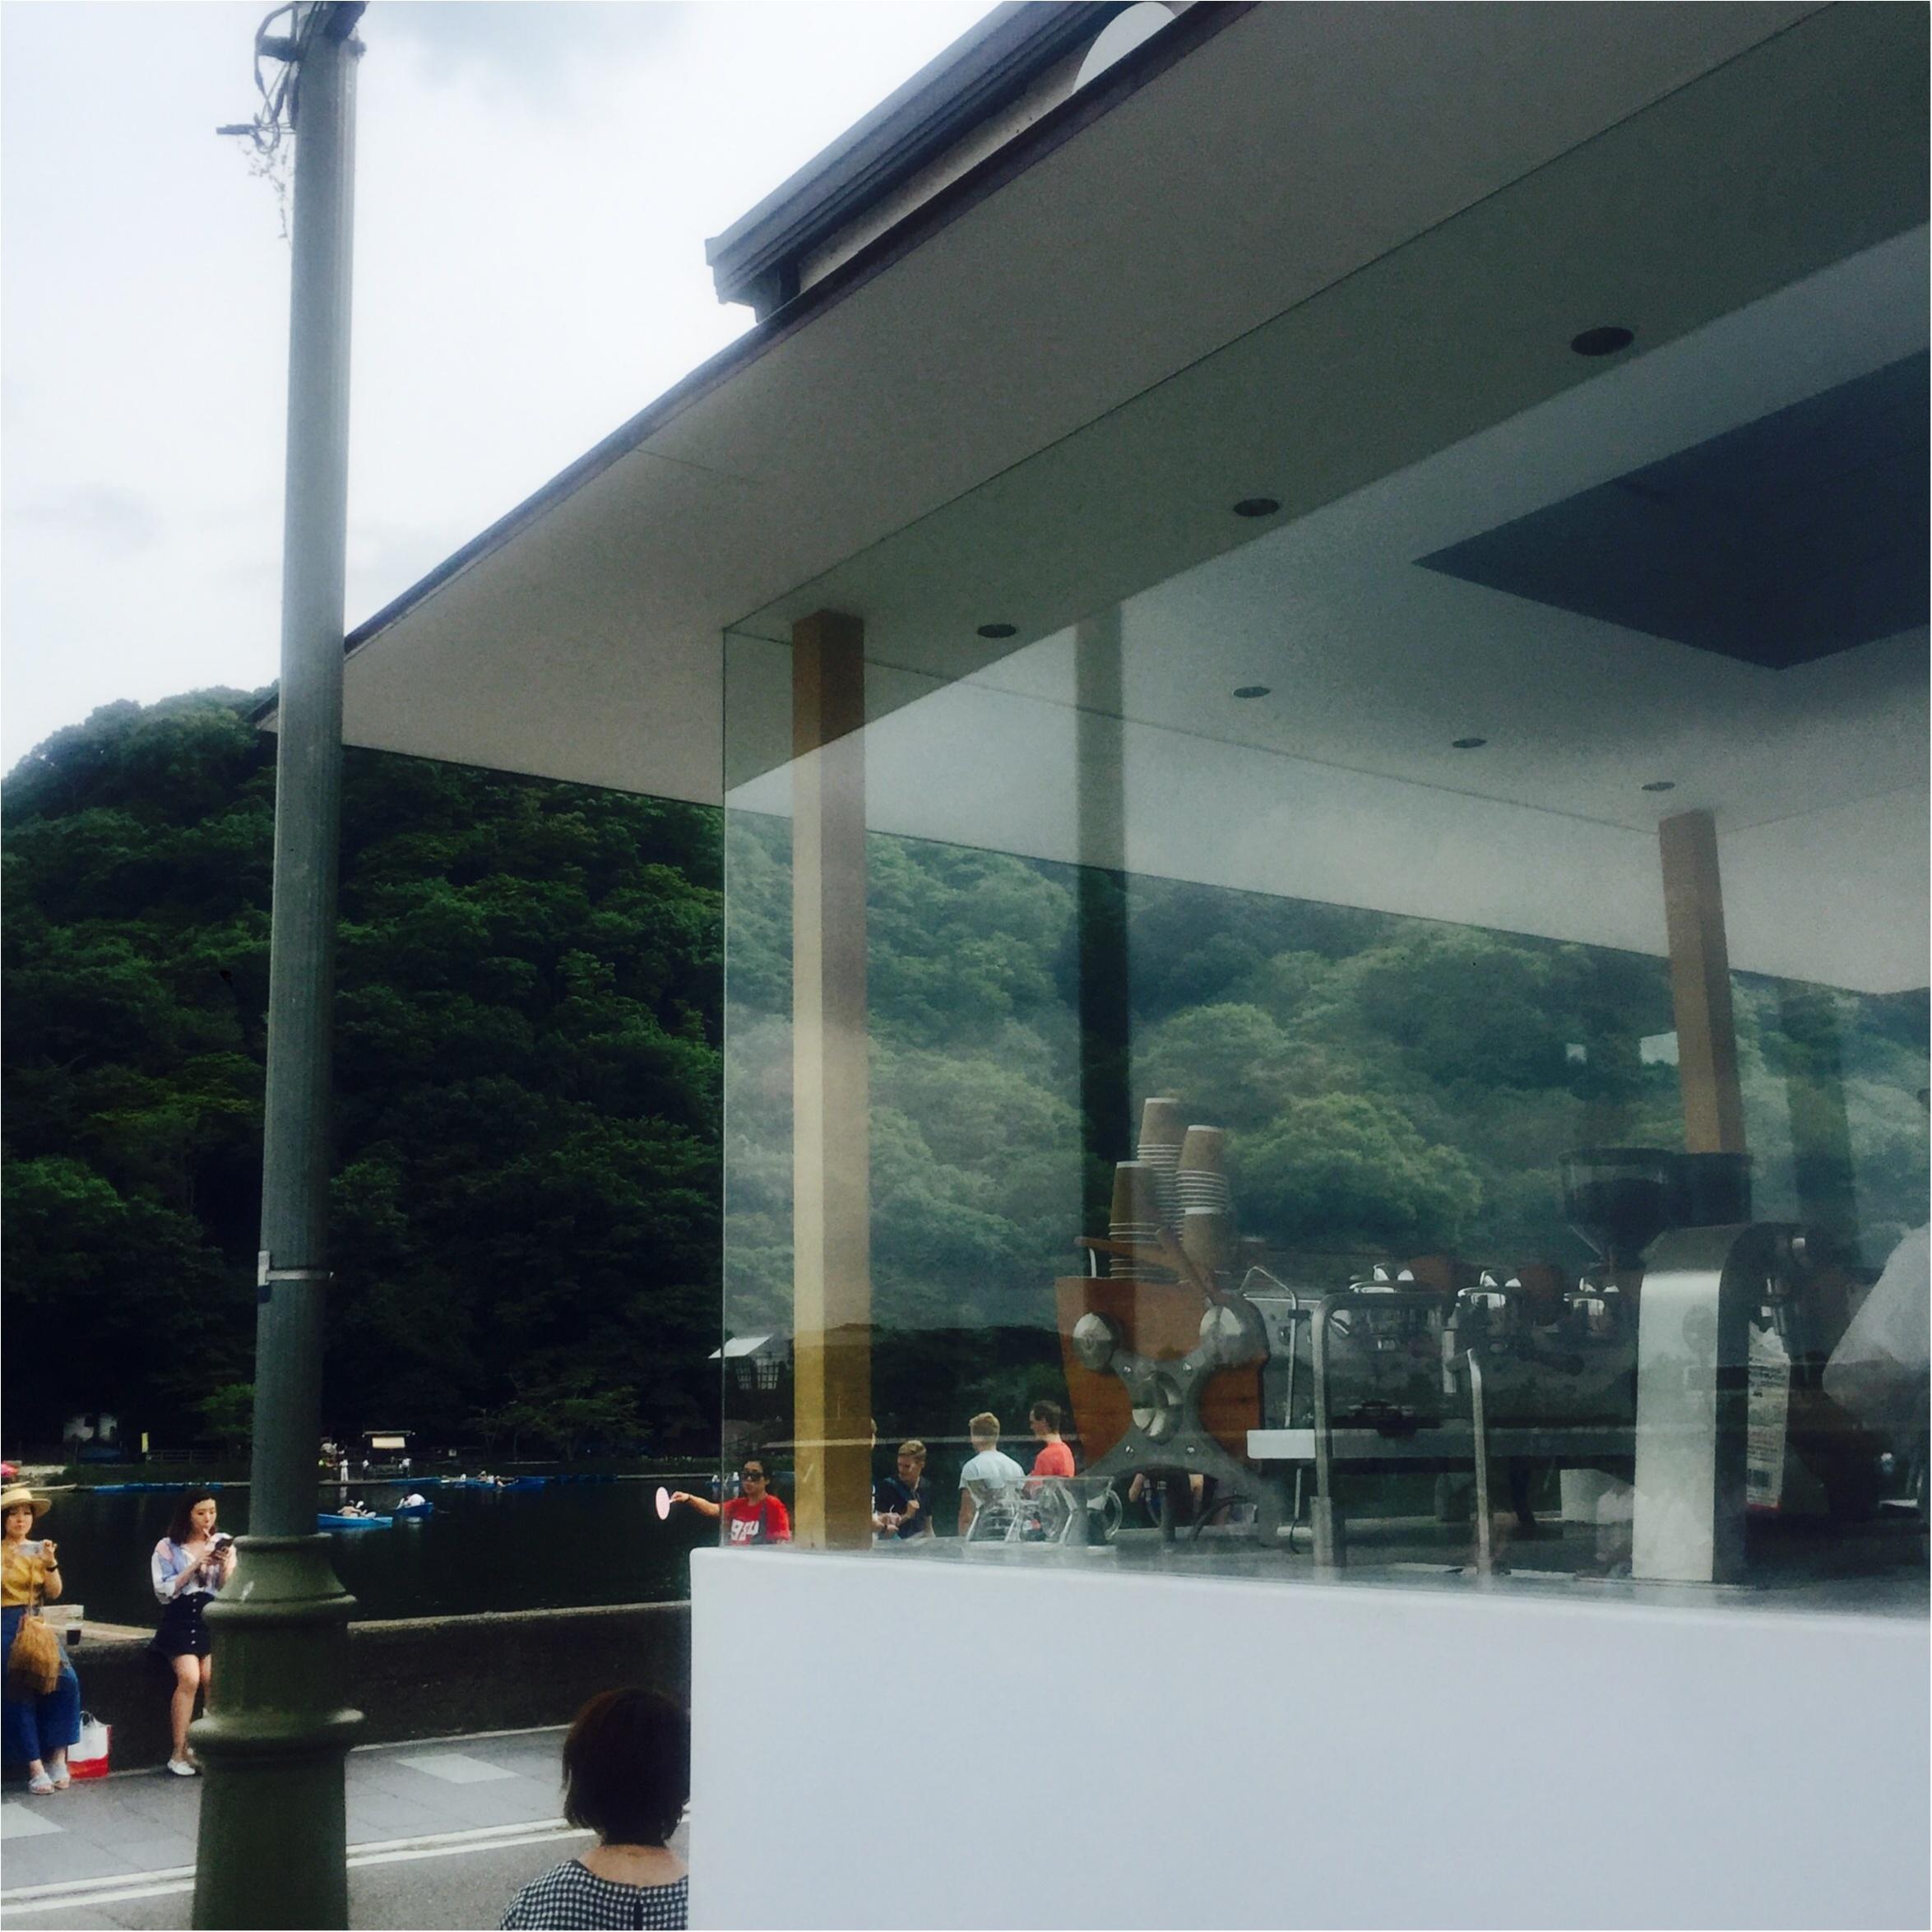 【京都・嵐山】今!話題沸騰のアラビカコーヒー♡渡月橋を眺めながら美味しいコーヒーを味わえます!_4